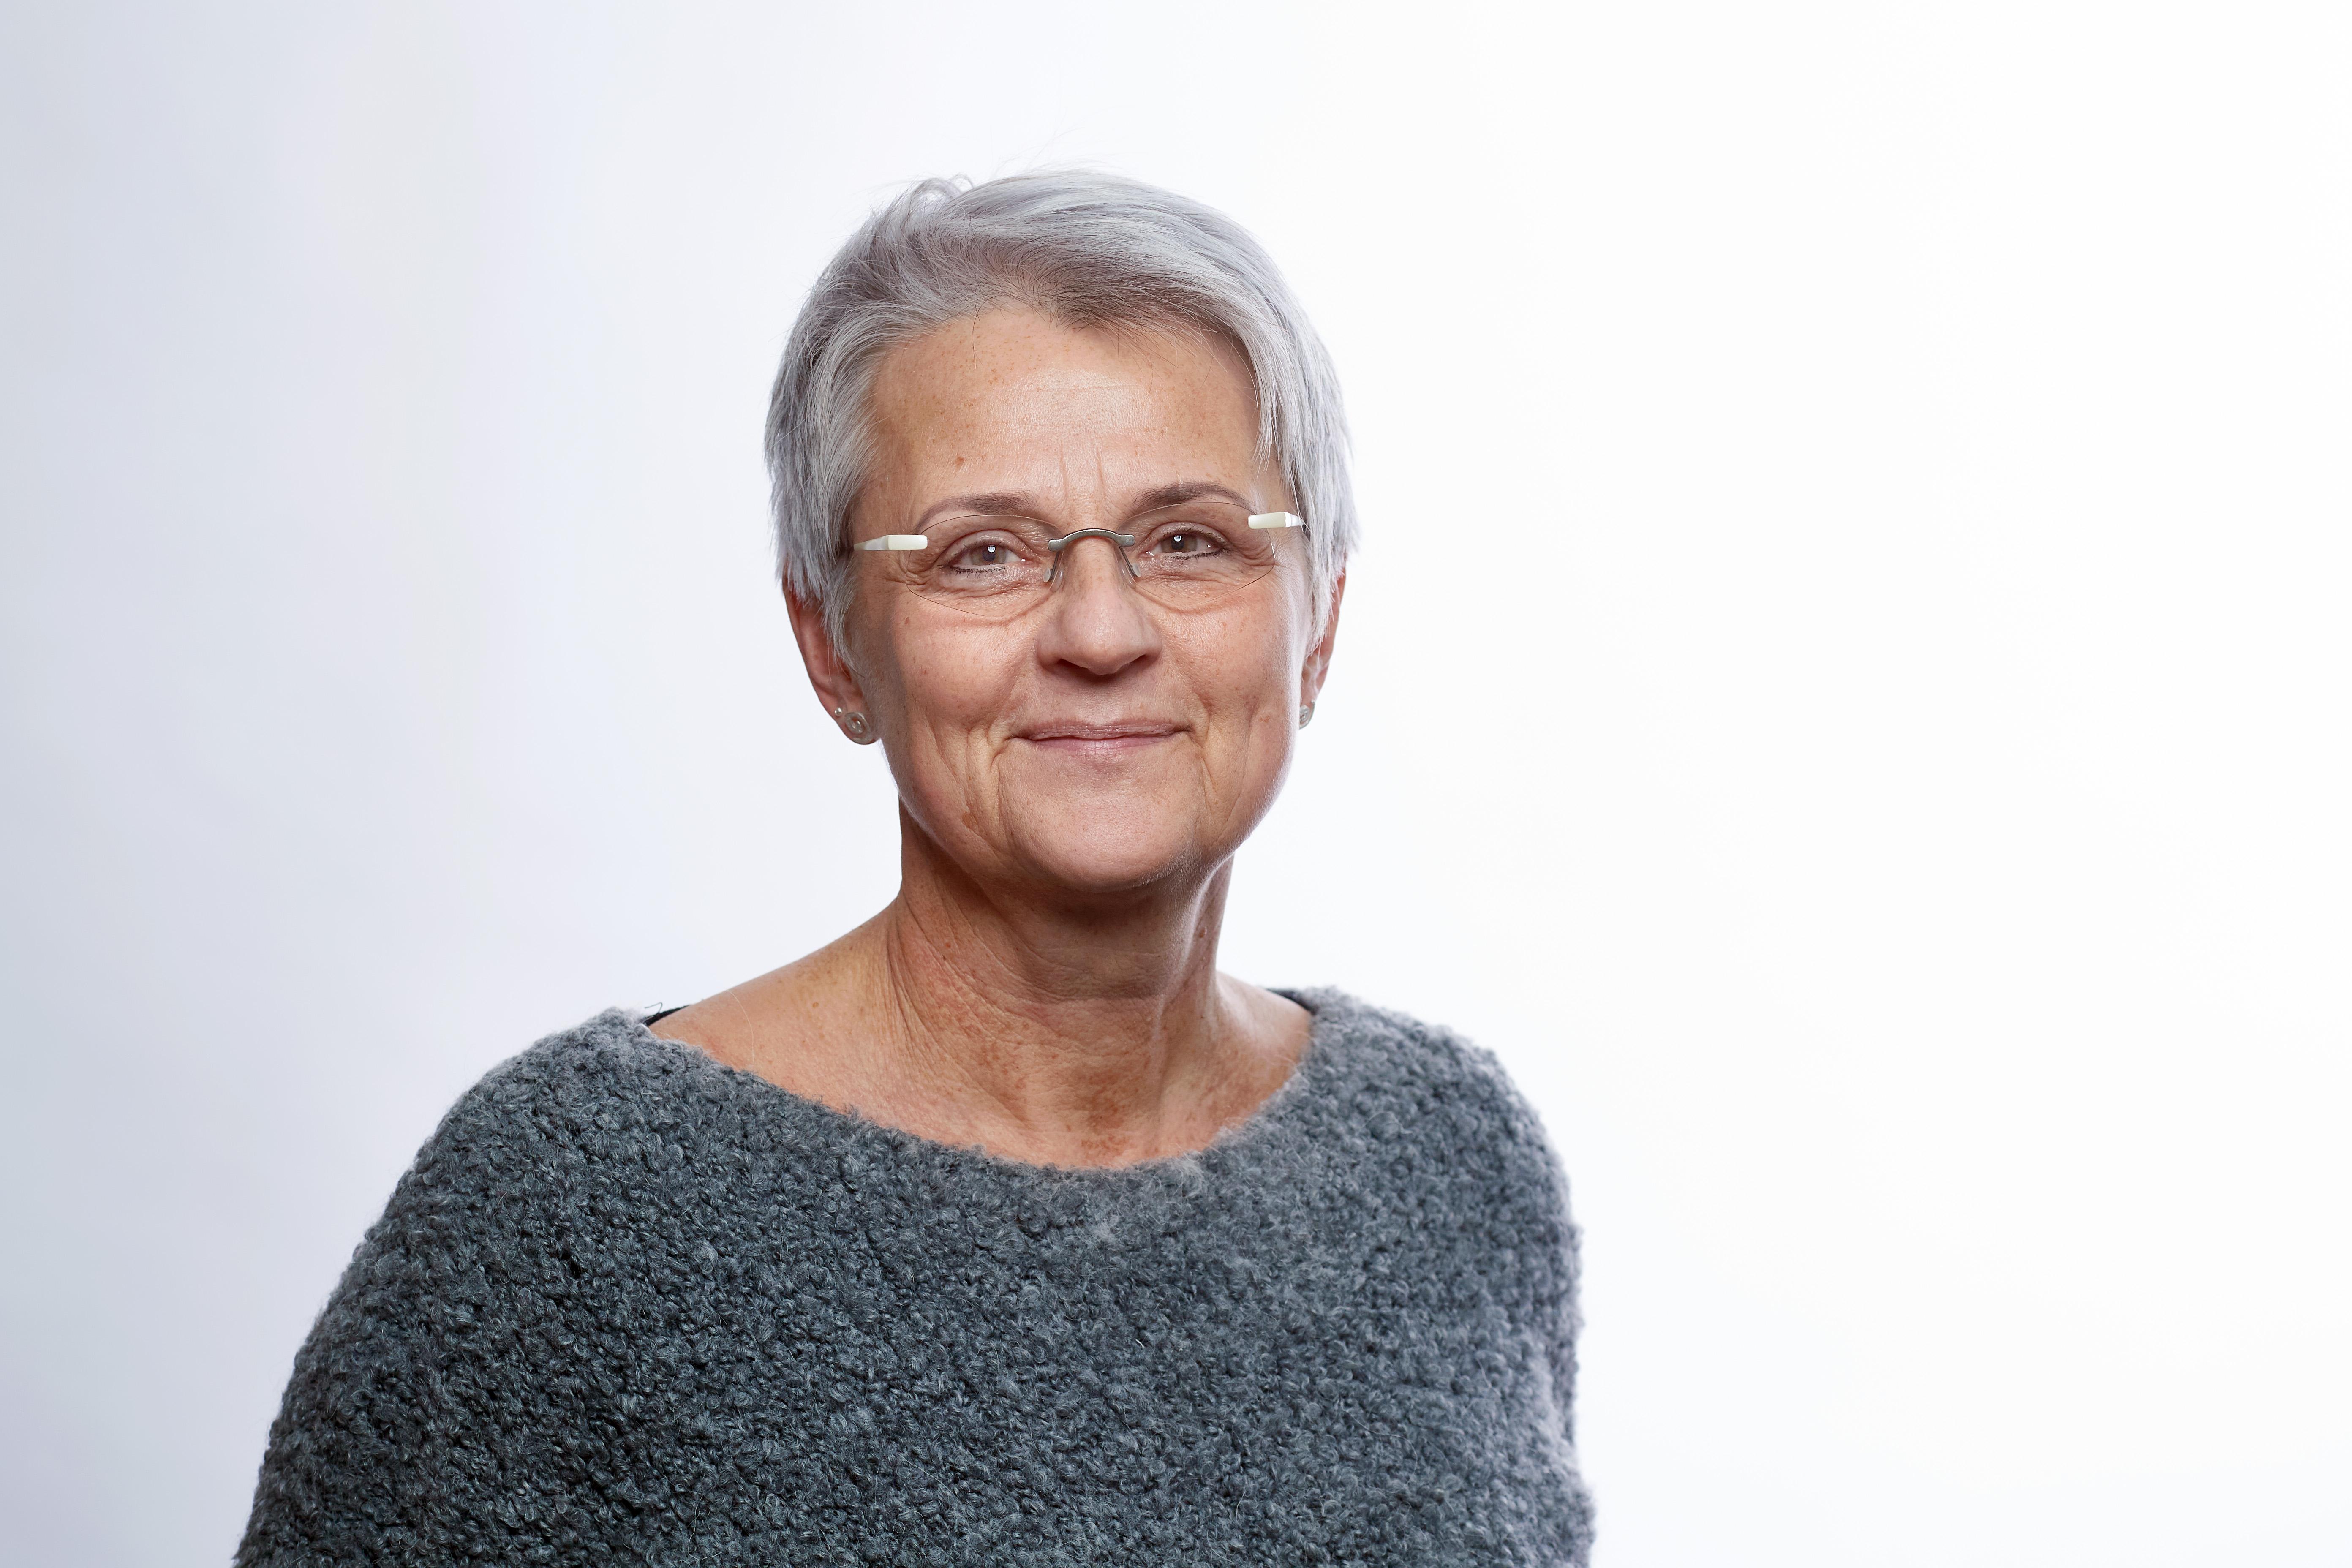 Martina Schlotzhauer